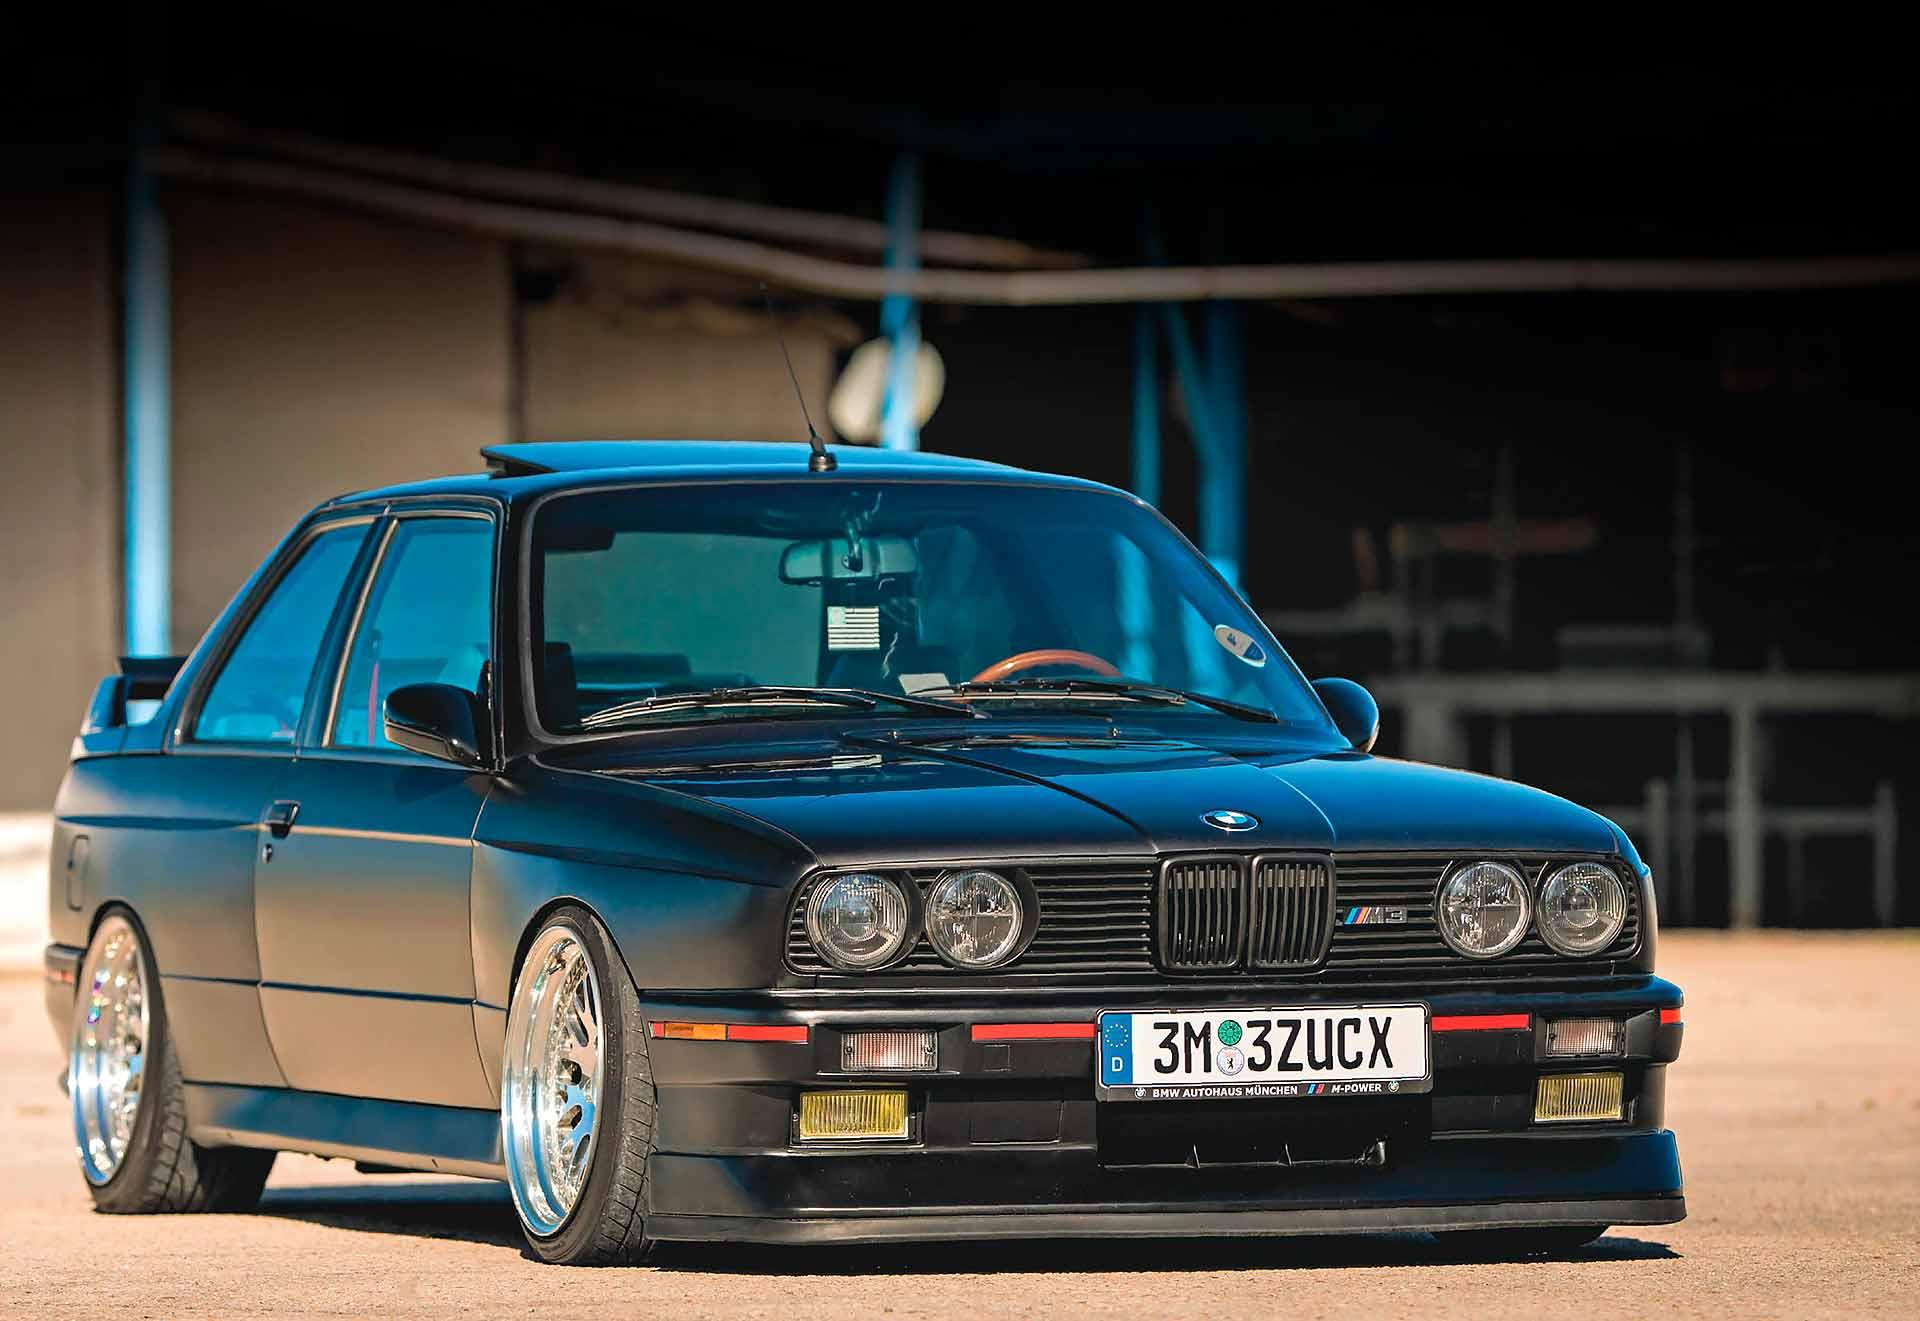 BMW M3 E30 >> Simply Superb Bmw M3 E30 Drive My Blogs Drive